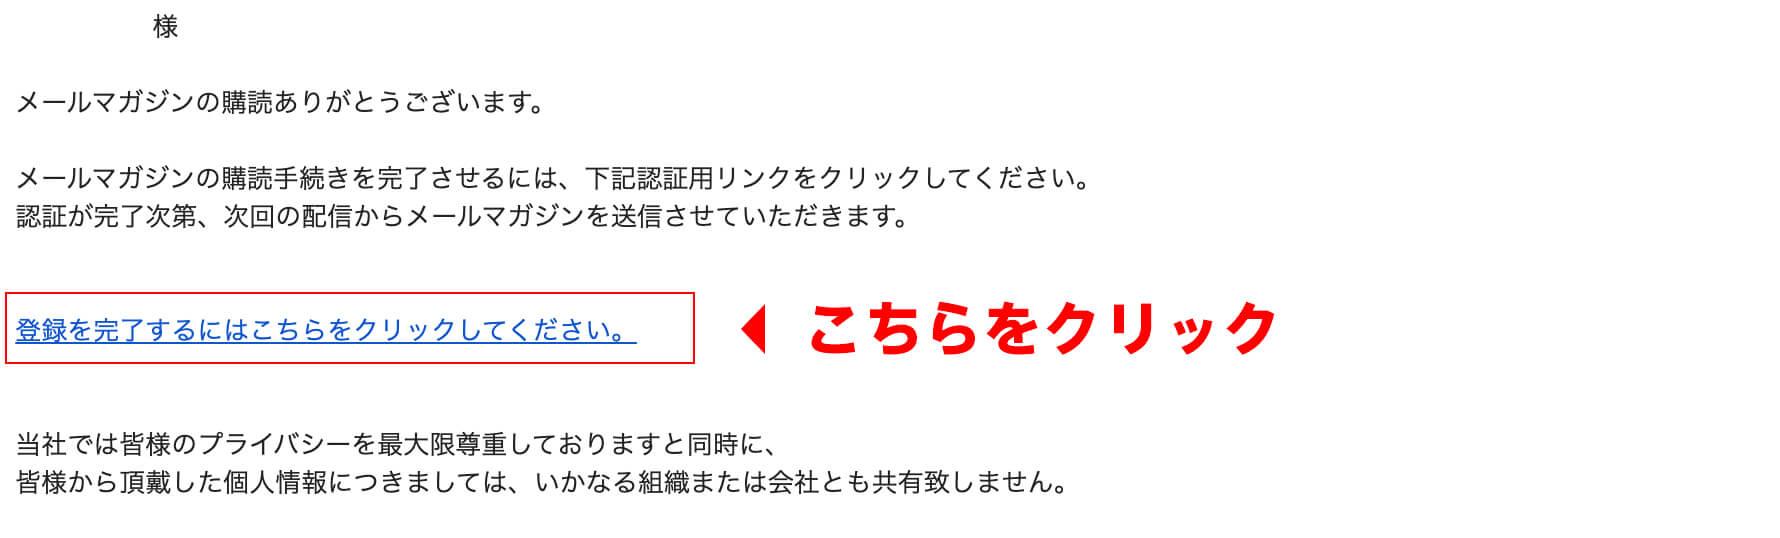 登録を完了するにはこちらをクリックしてください。をクリックしてください